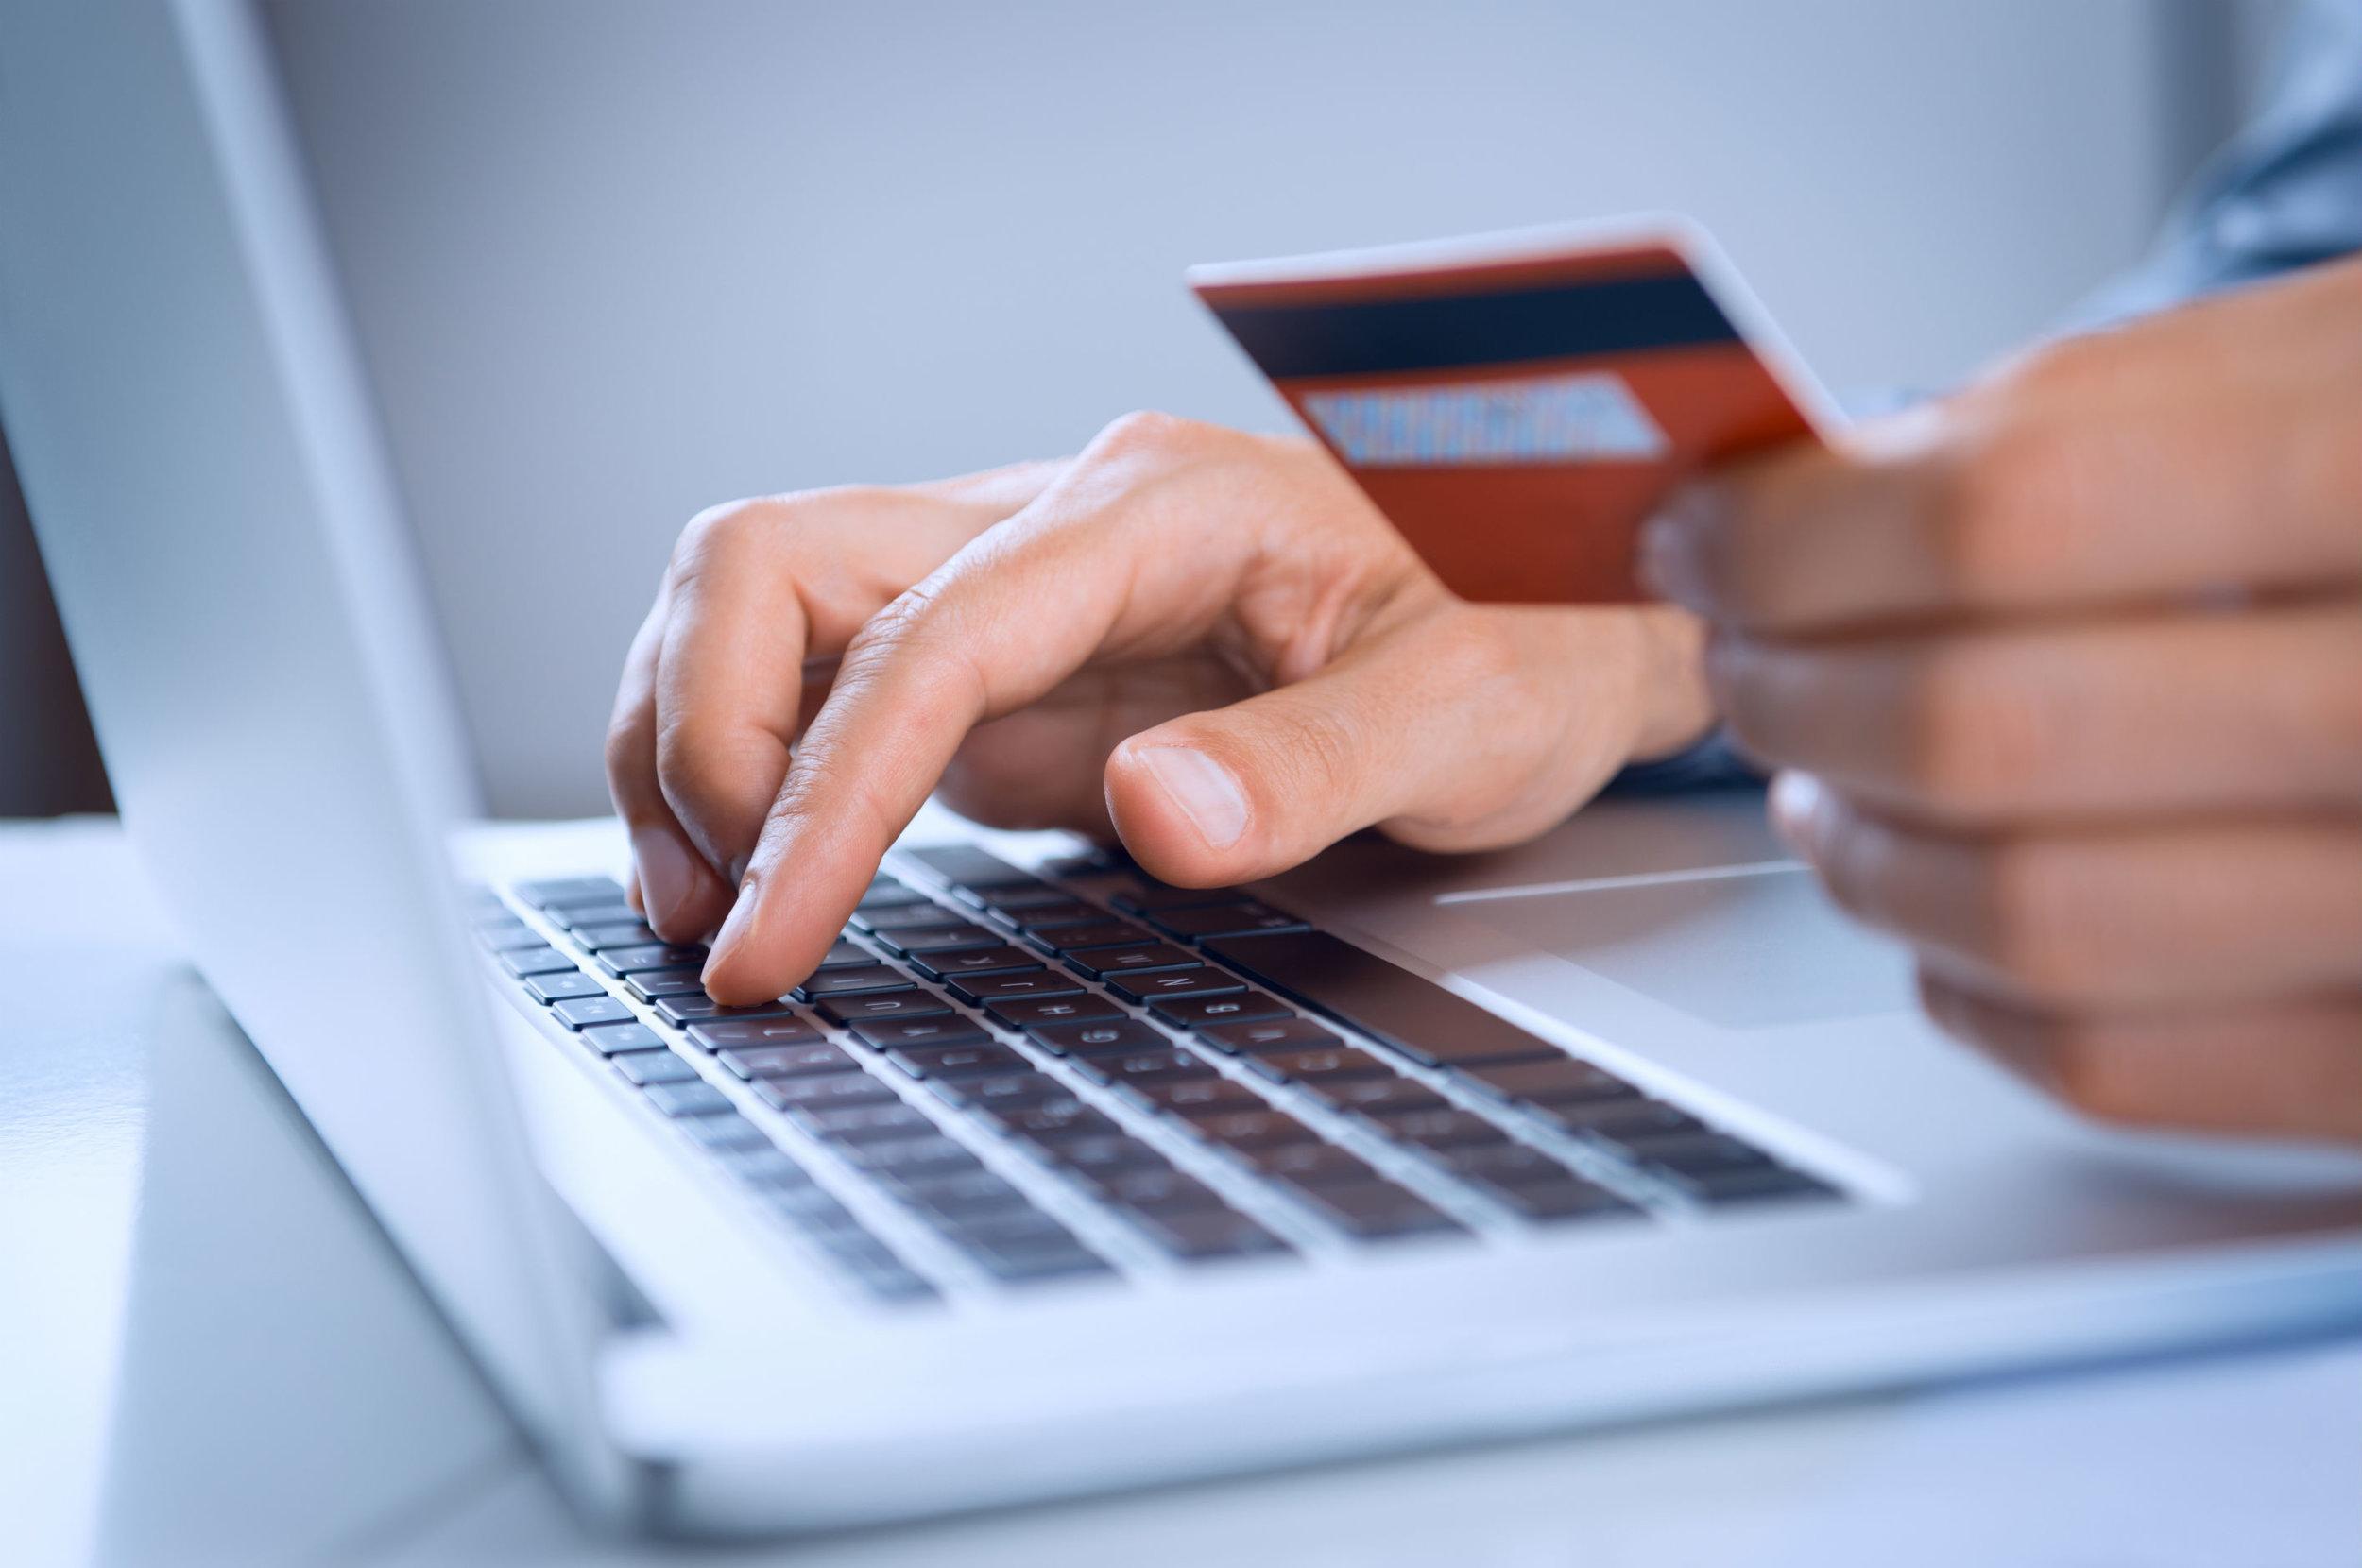 Grafimedia-Pay-online.jpg